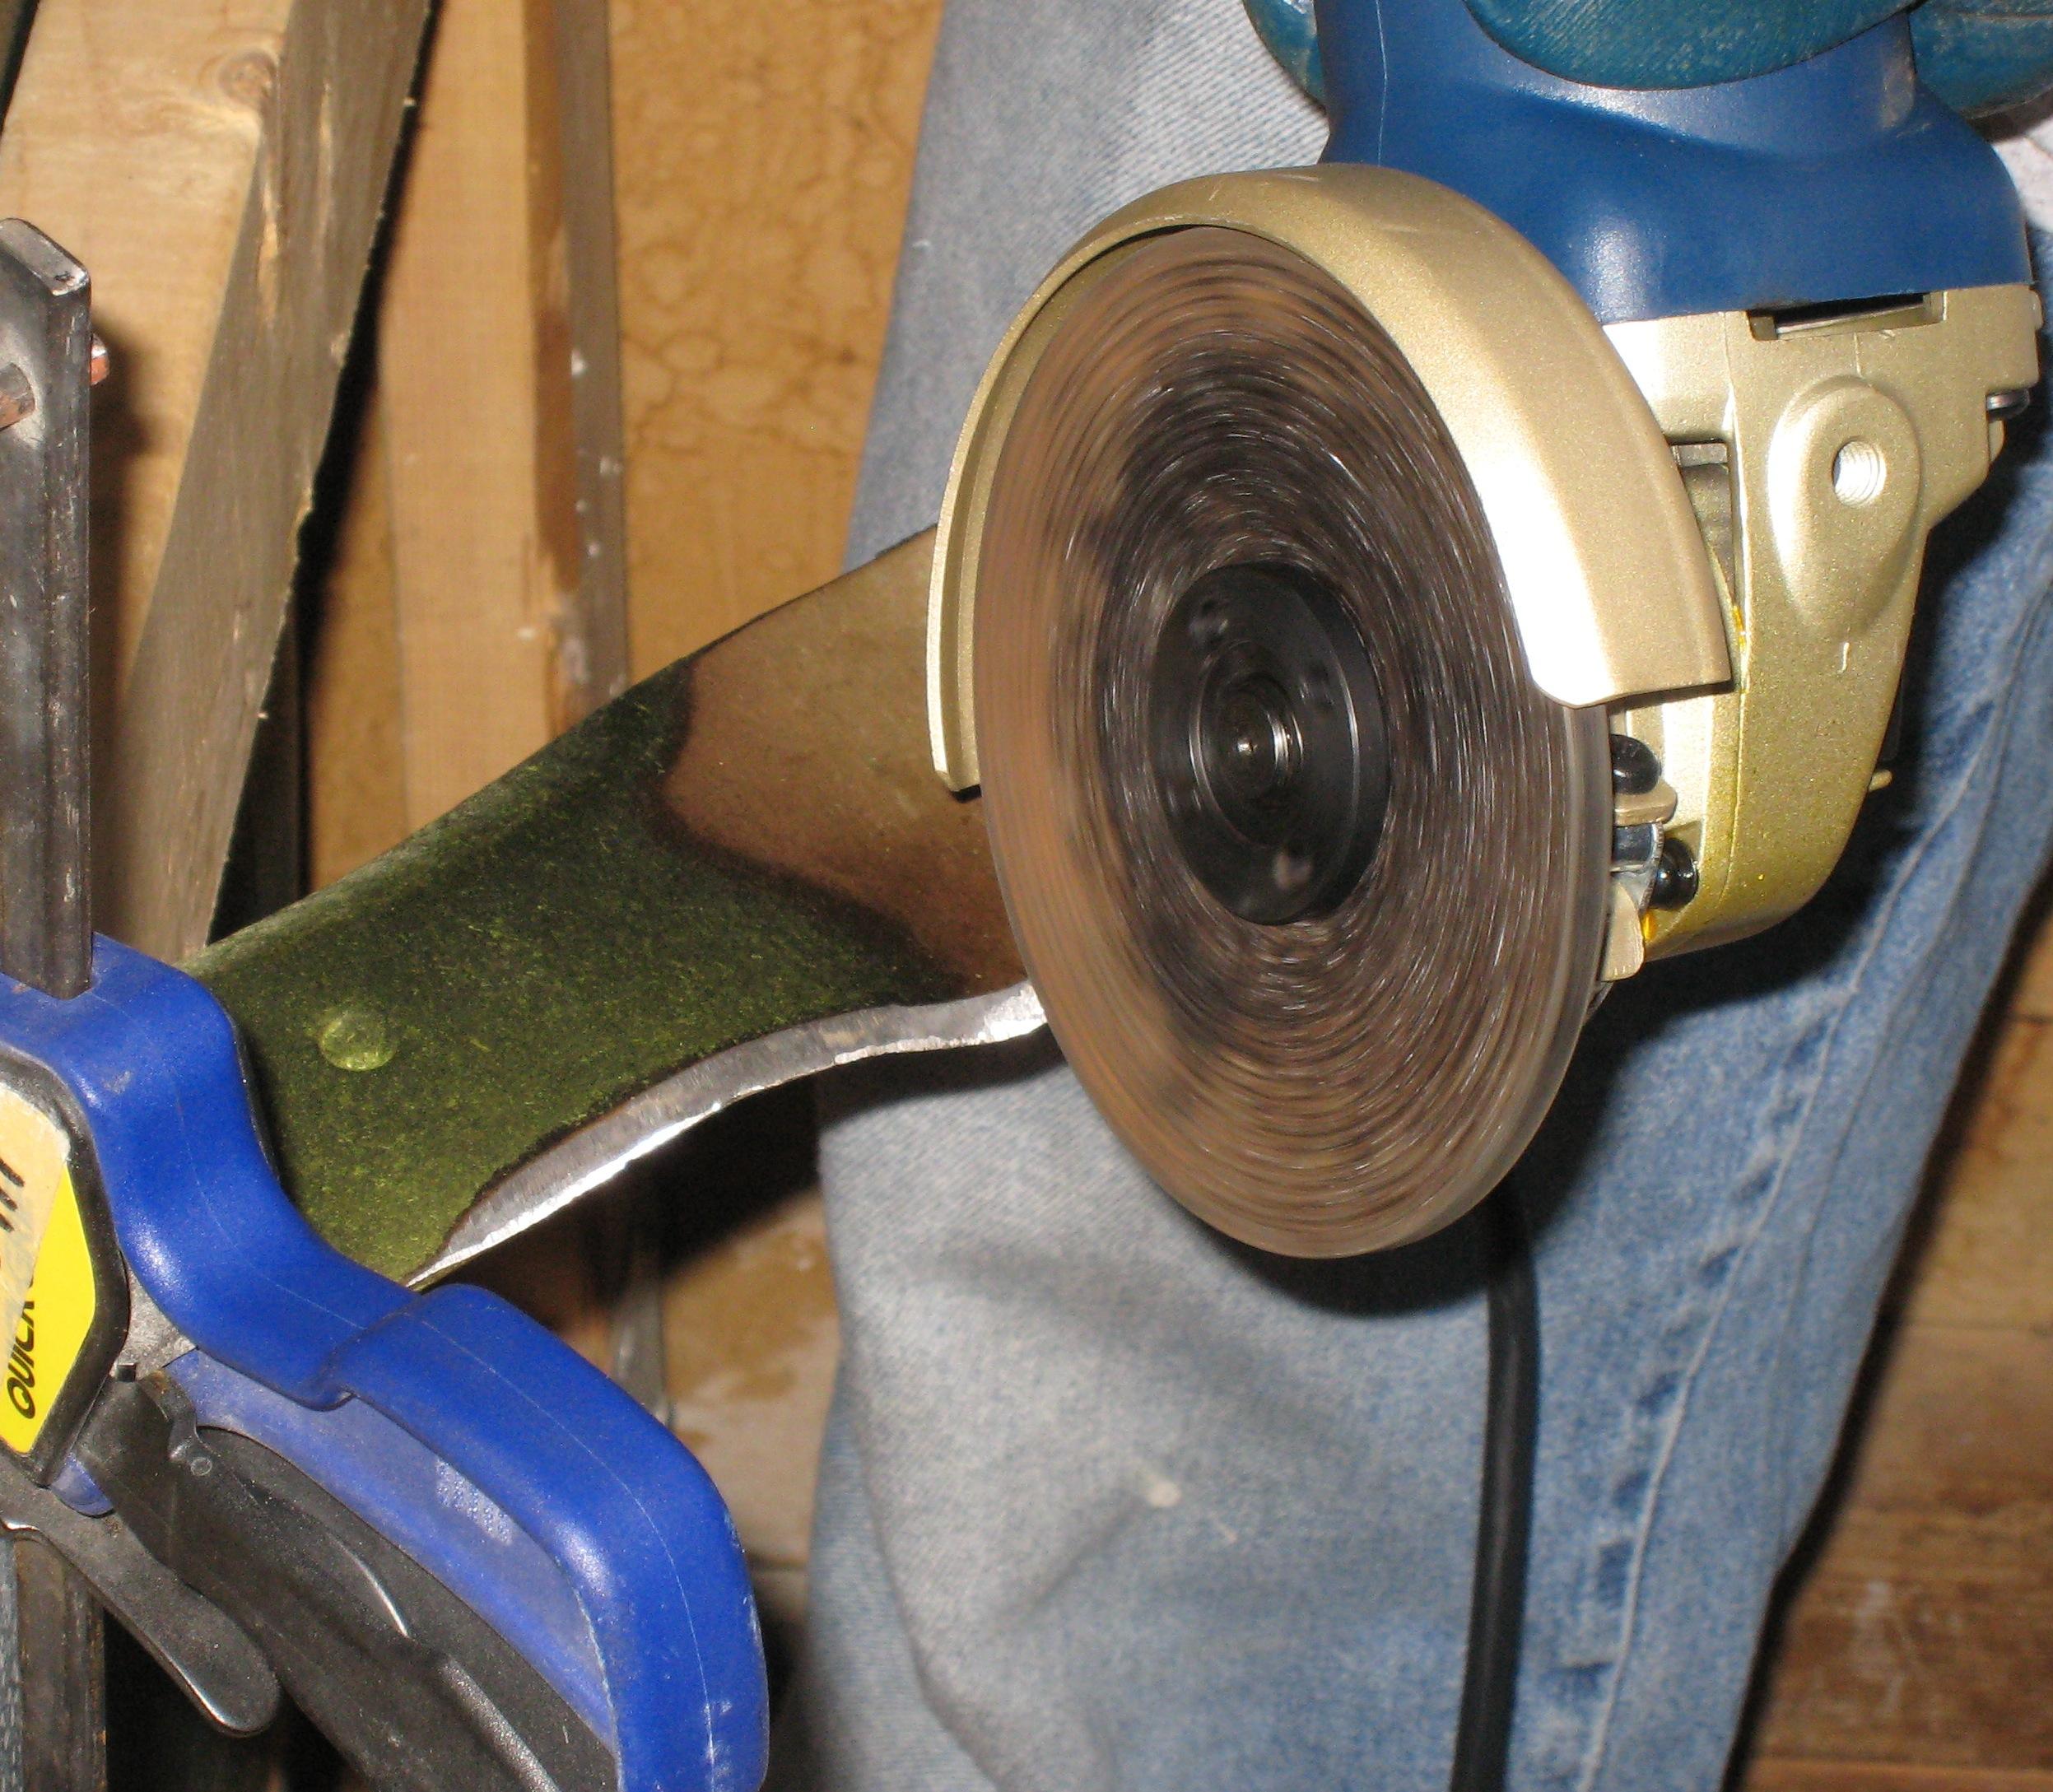 Dazzling Sharpening A Mower Blade Balancing Blade How To Sharpen A Lawn Mower Blade Using A Grinder Lawn Mower Blade Balancer Lowes Lawn Mower Blade Balancer Home Depot houzz 01 Lawn Mower Blade Balancer